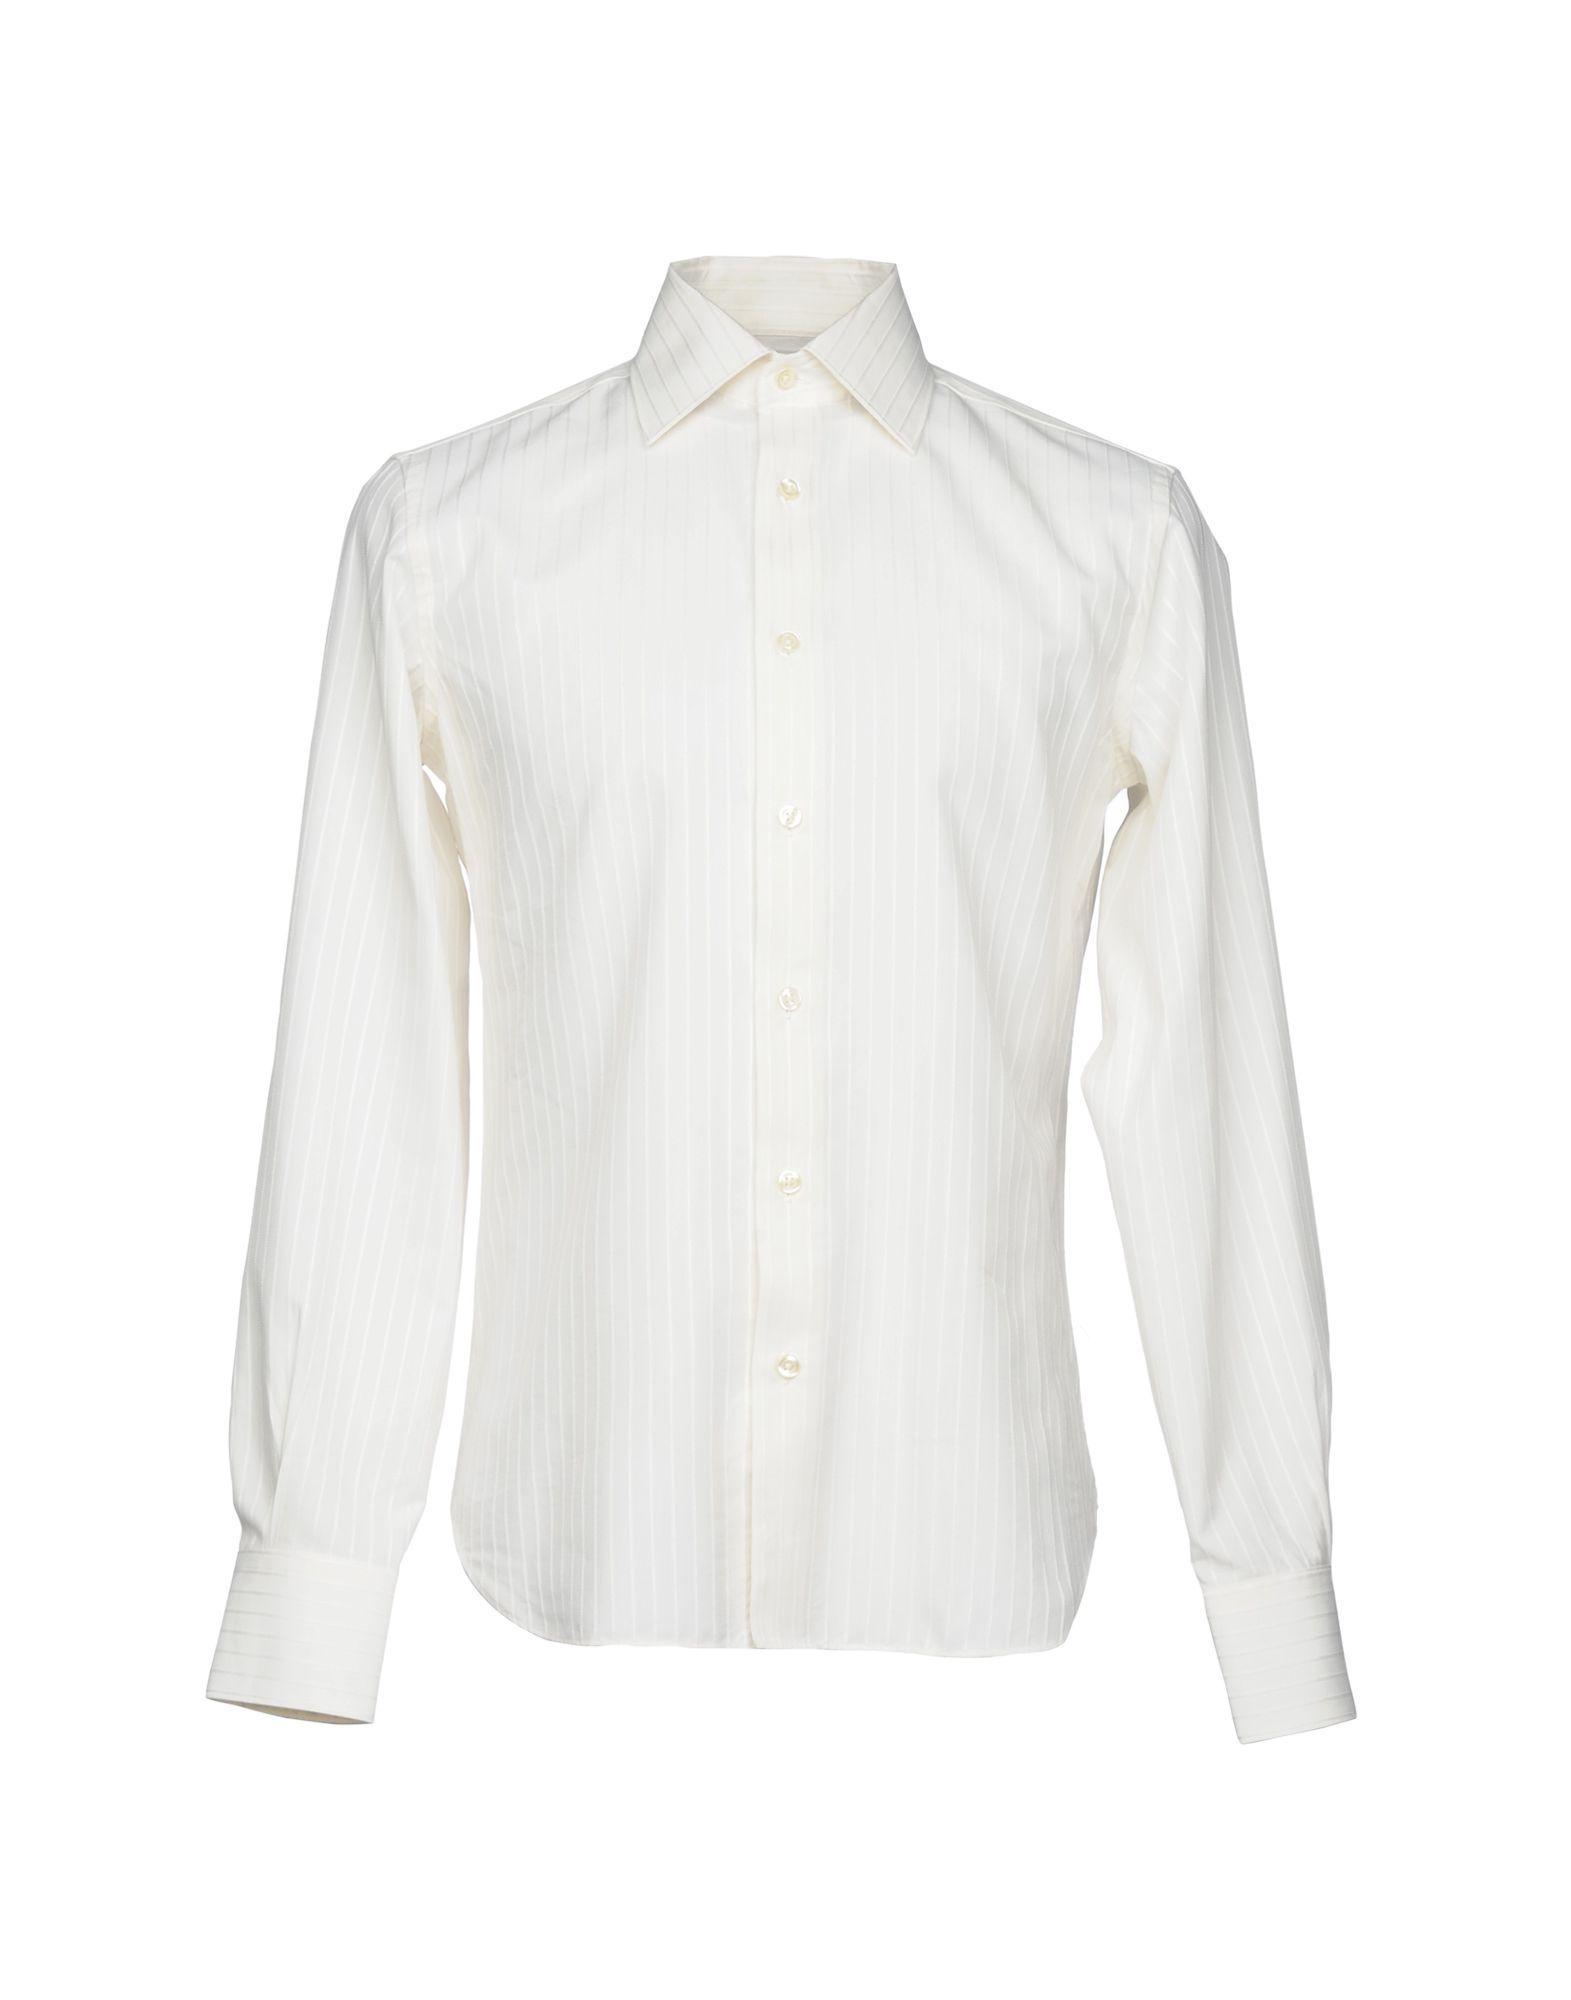 купить TREND CORNELIANI Pубашка по цене 8750 рублей